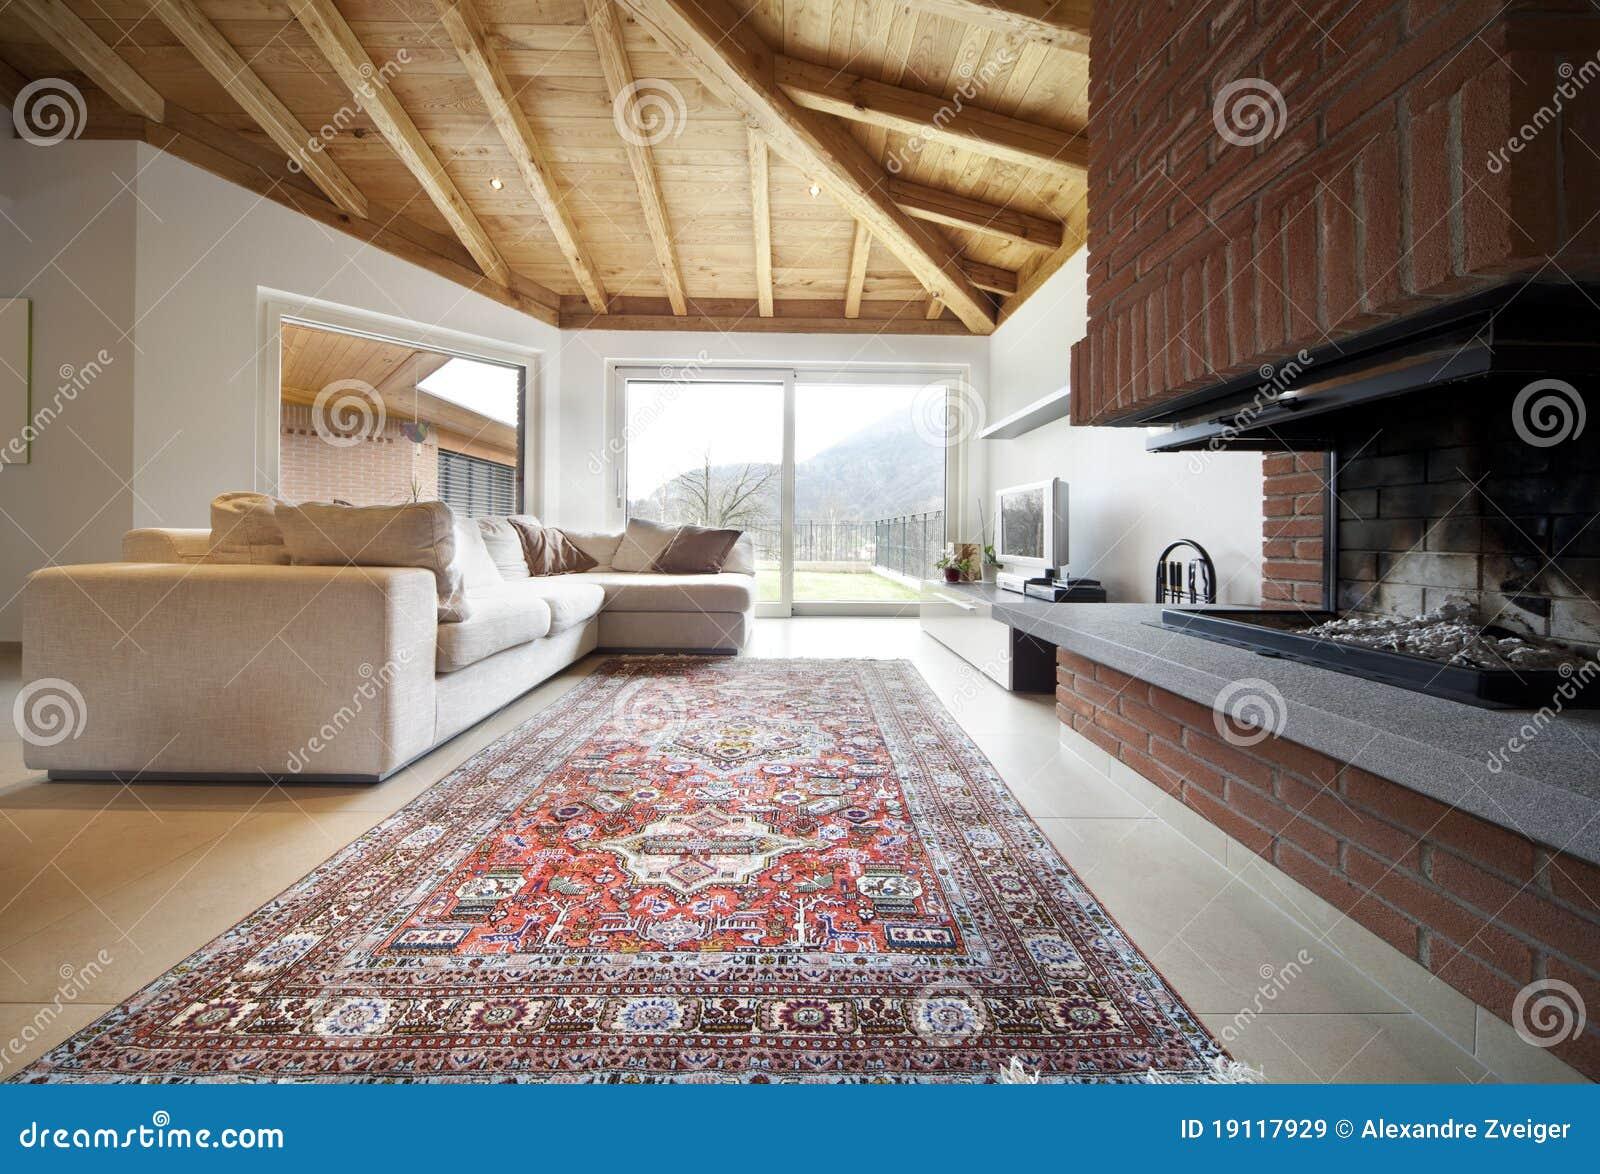 Nuova casa bella, interiore moderno